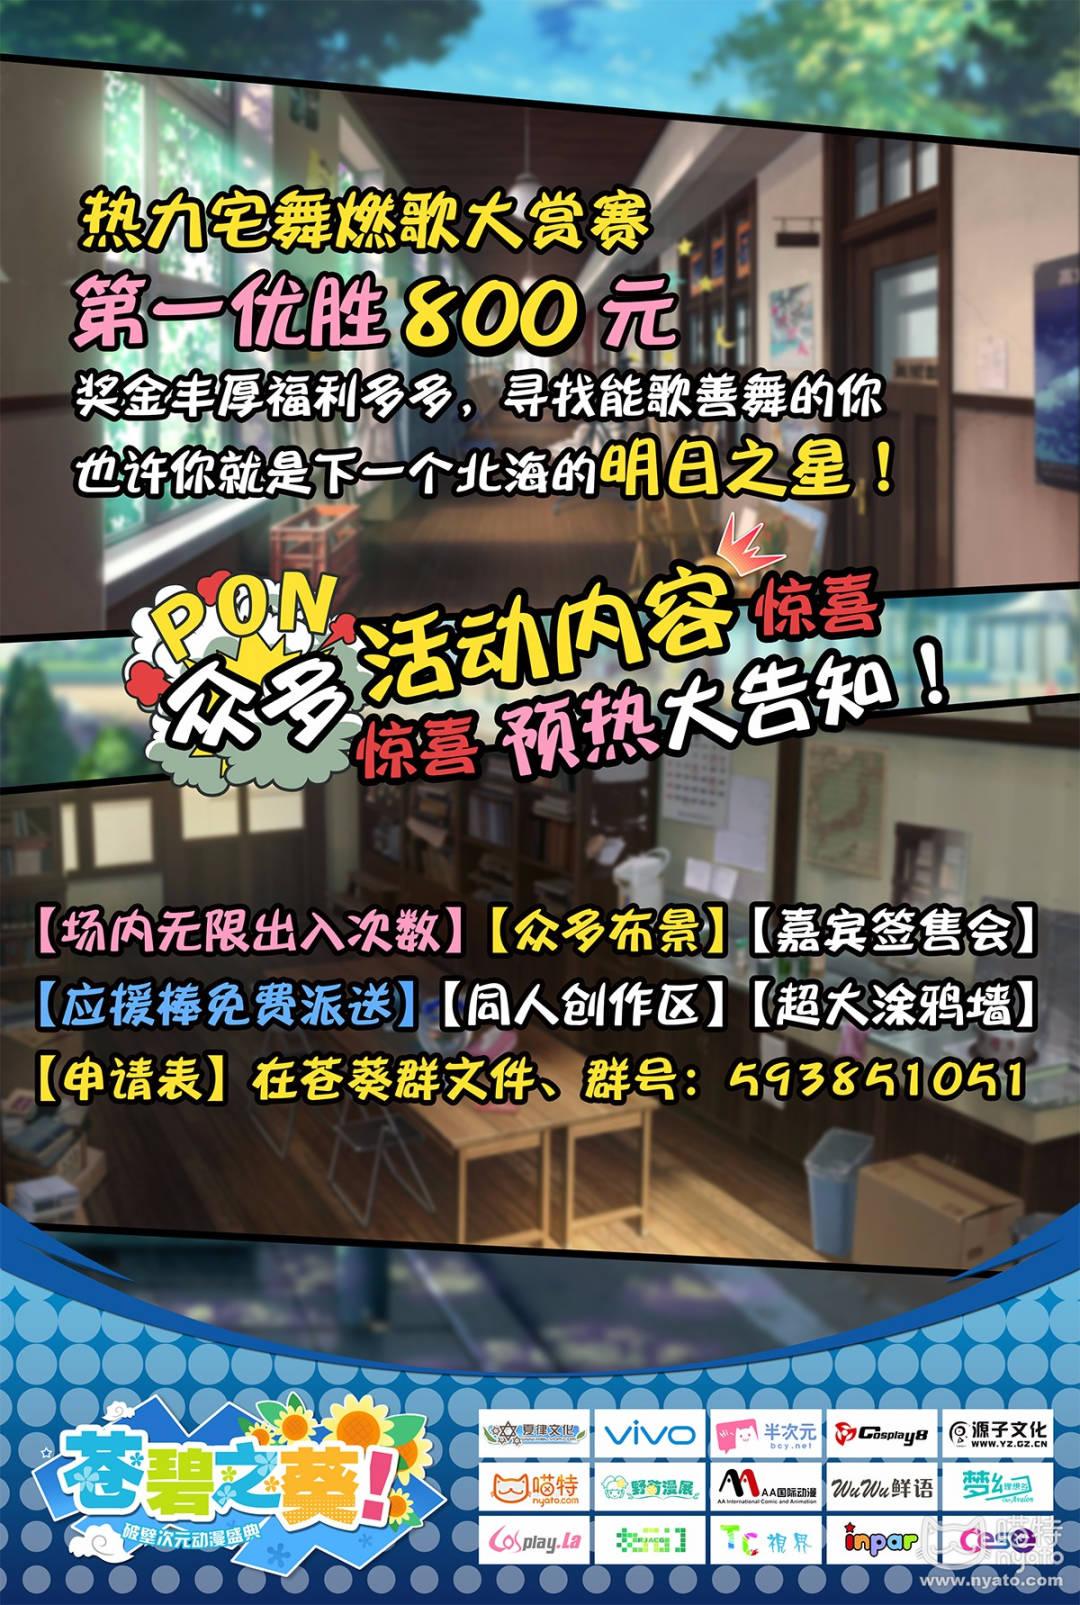 宣传03.jpg